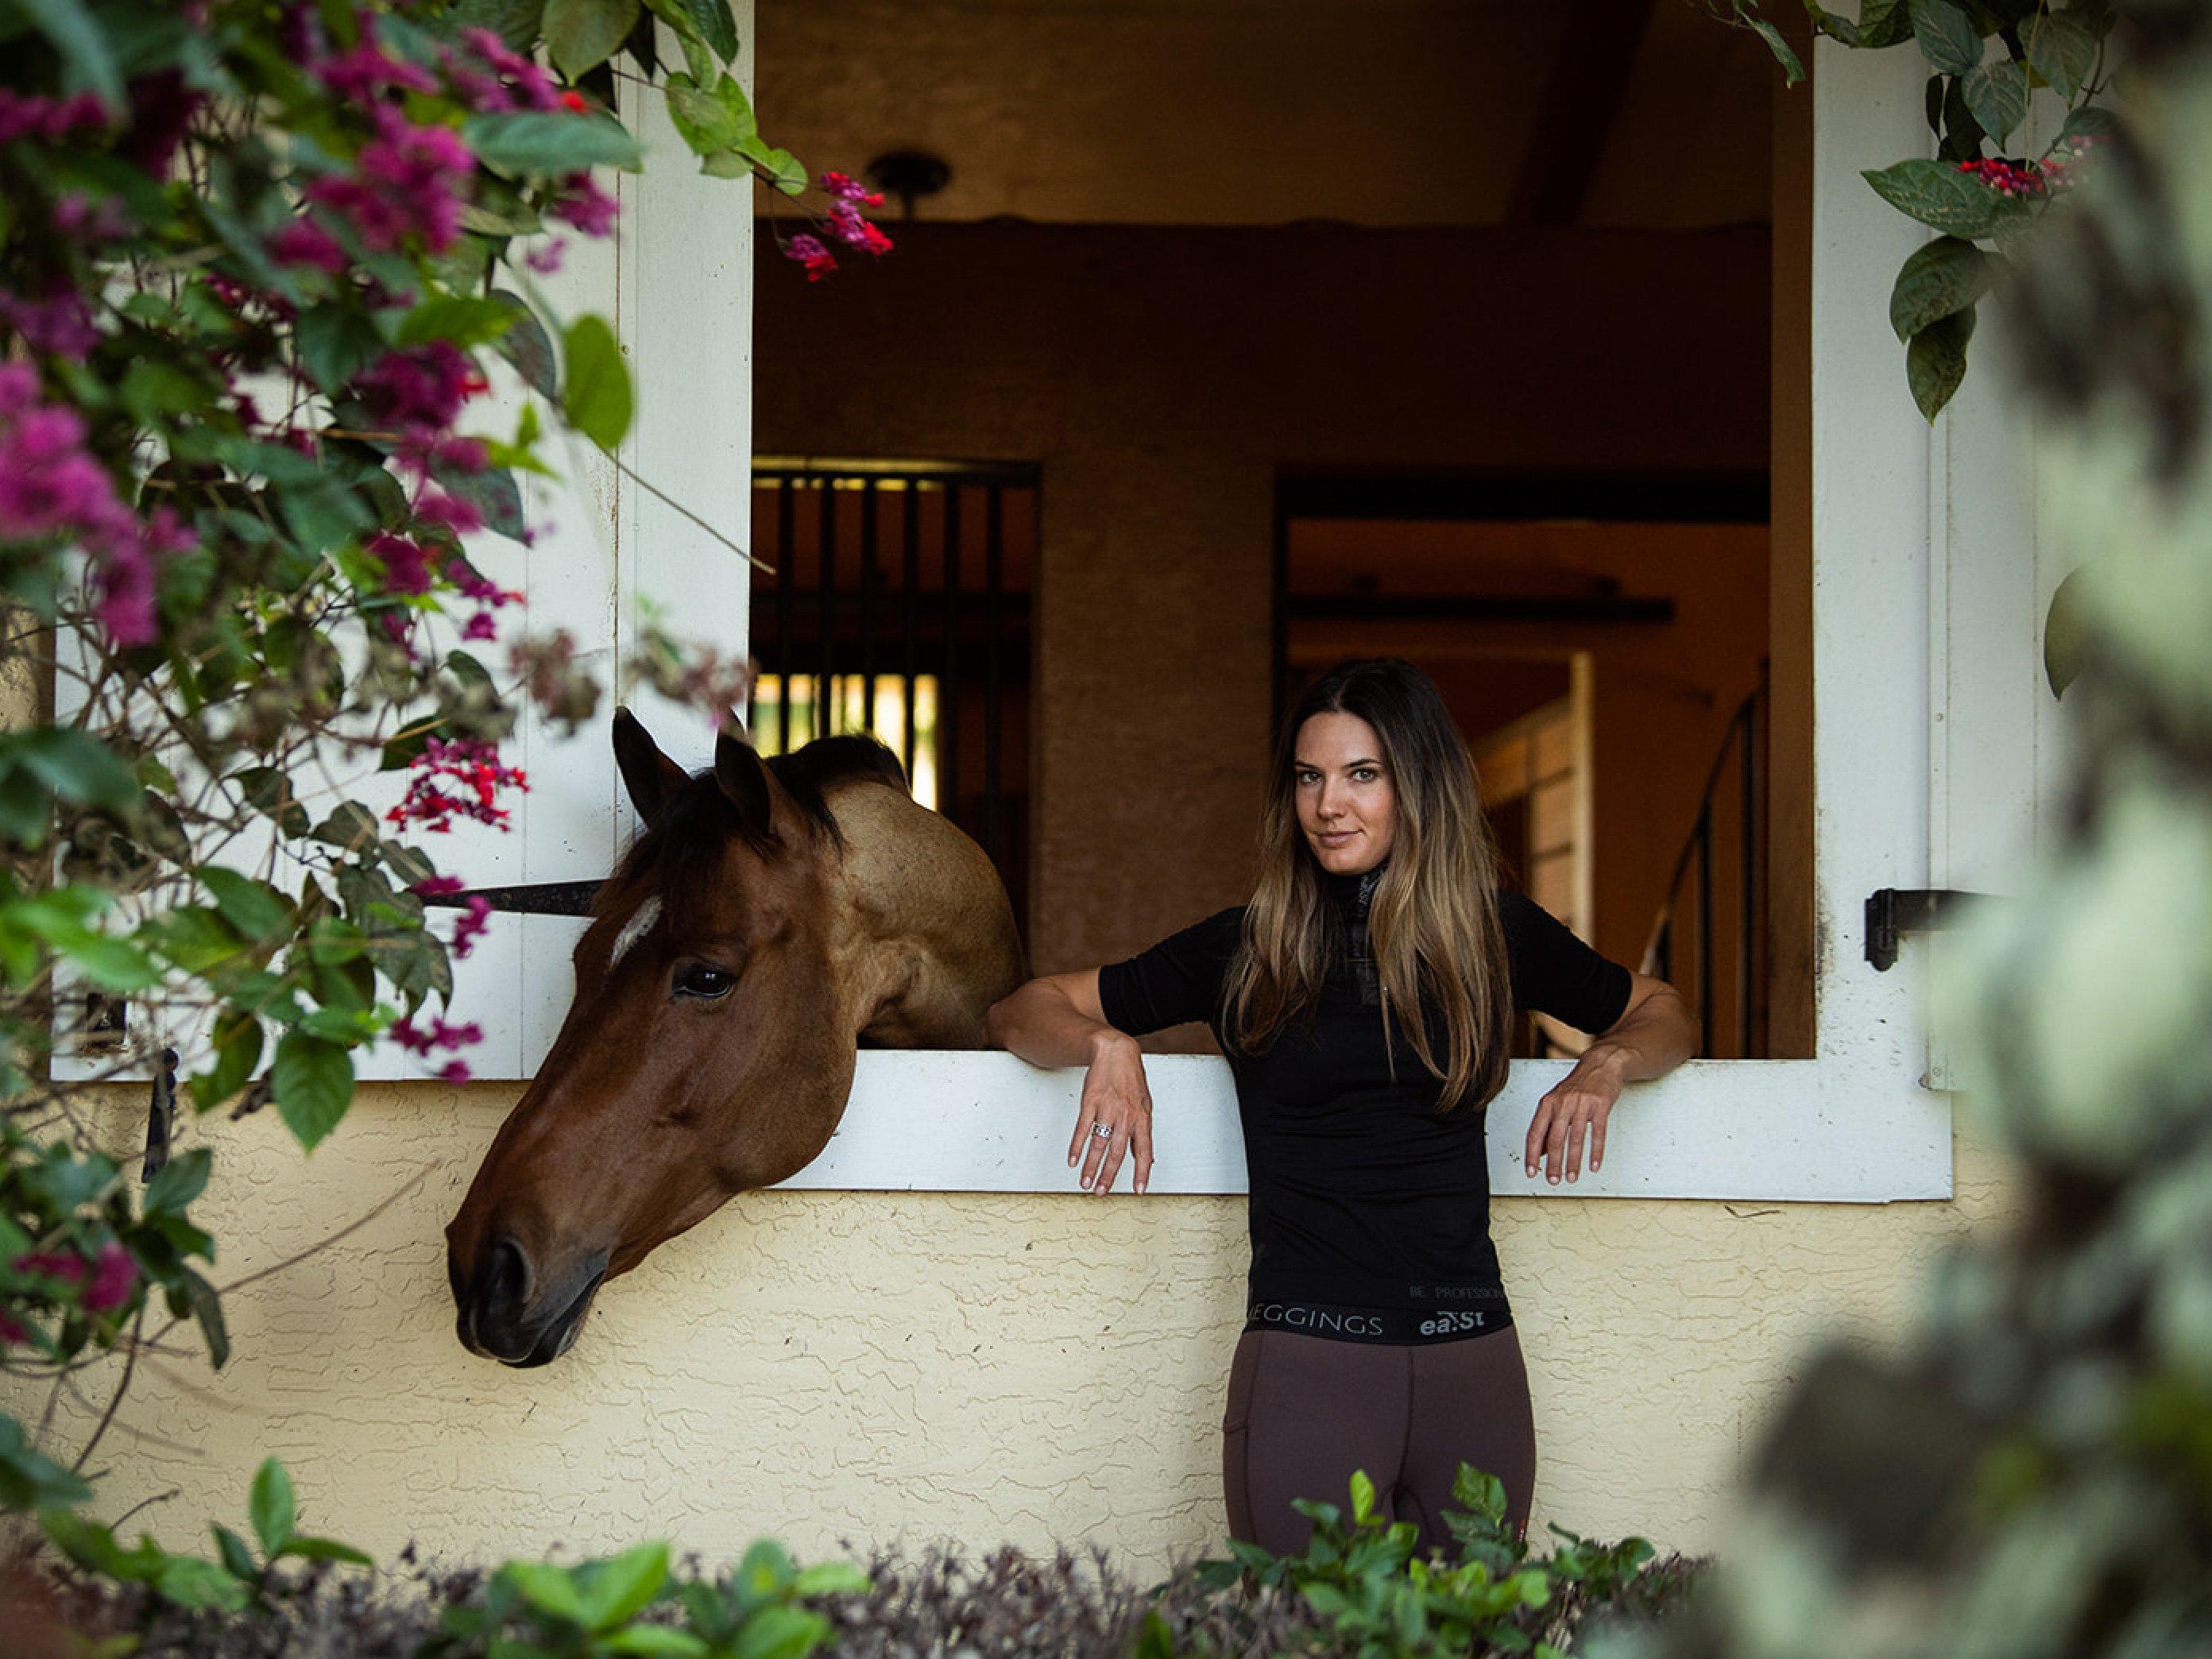 Wissenschaft belegt: Frauen, die Pferde besitzen, leben bis zu 15 Jahre länger!